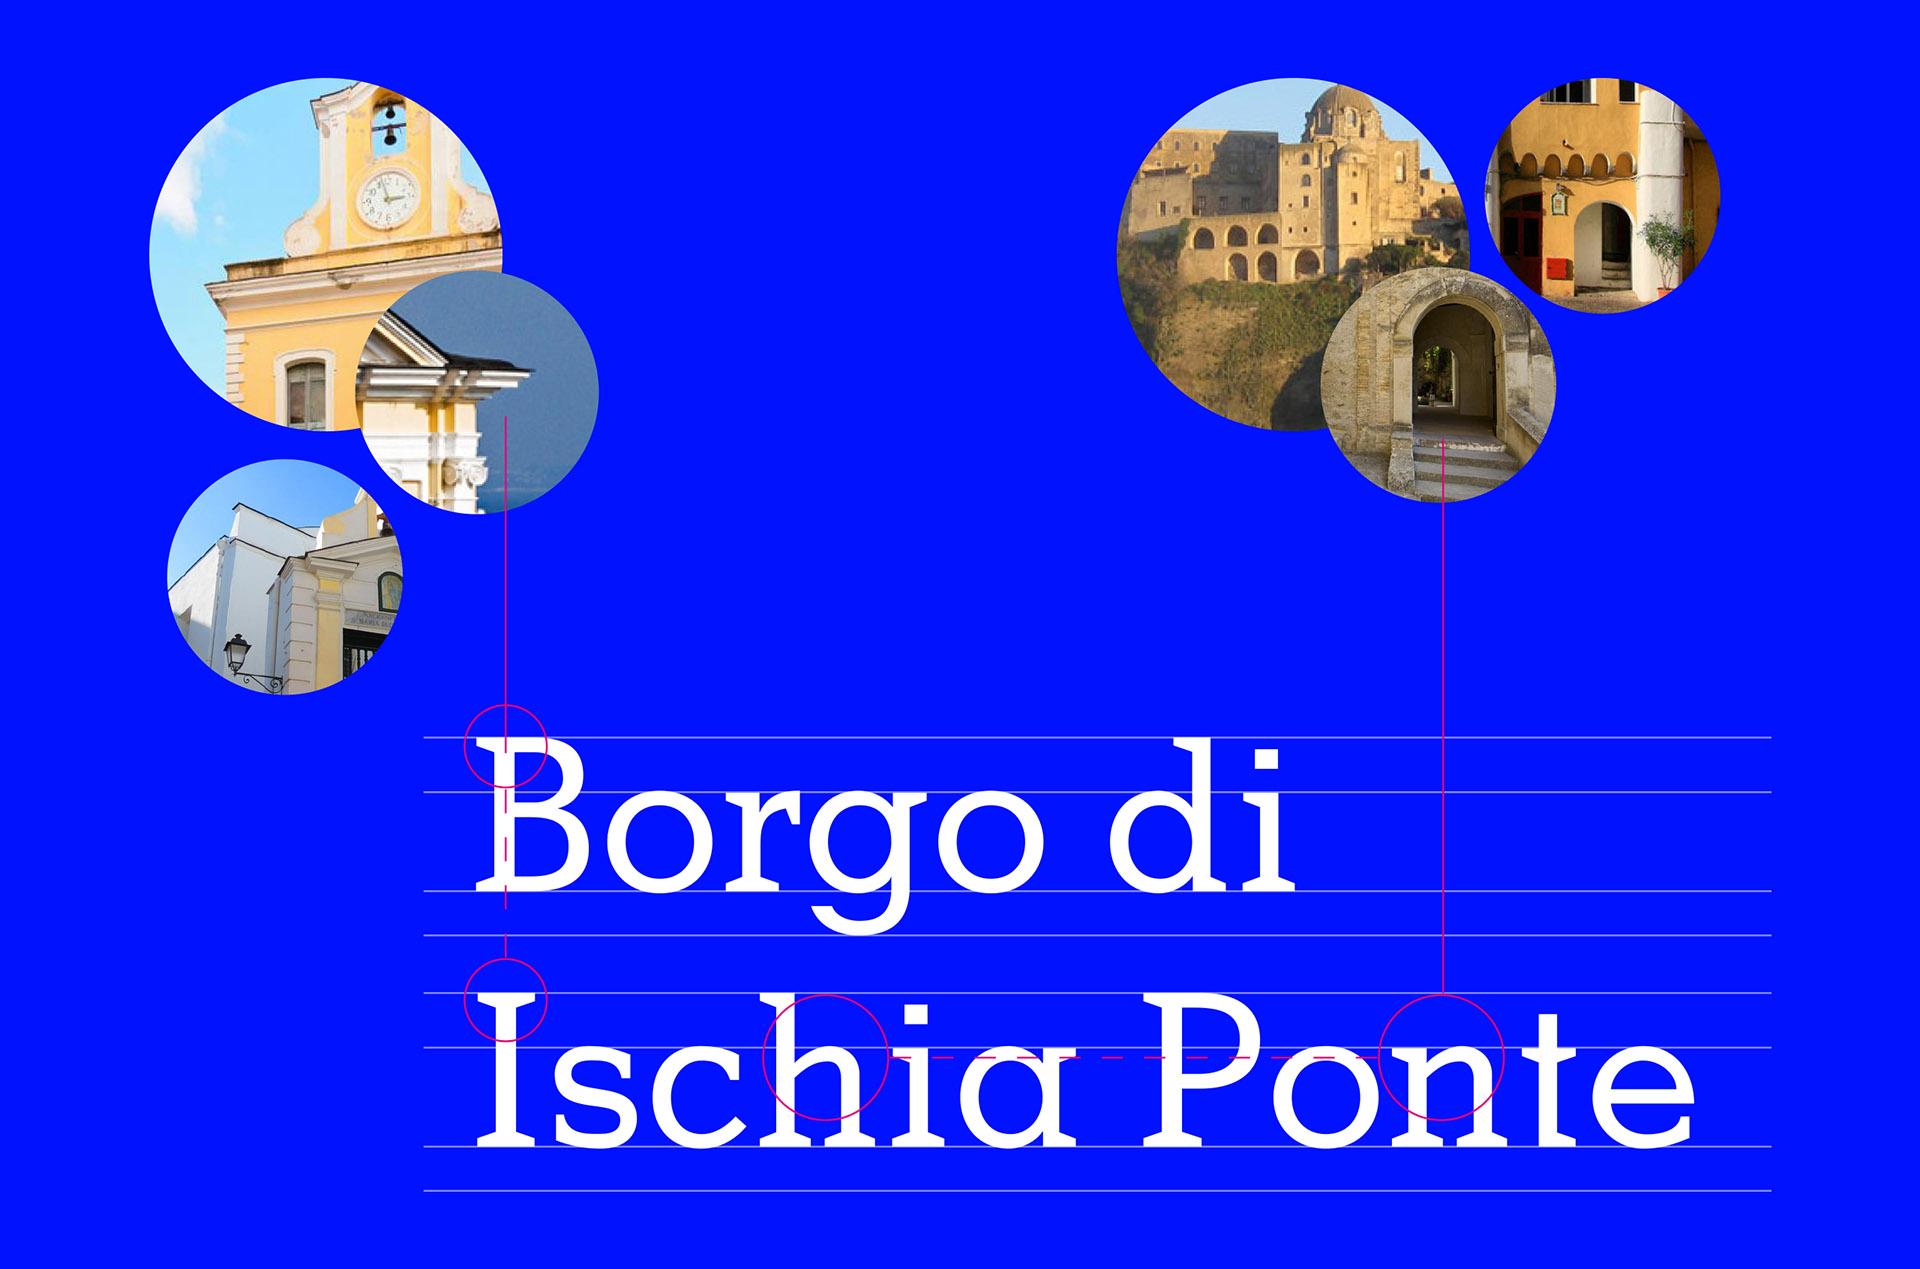 Borgo Ischia Ponte - Font